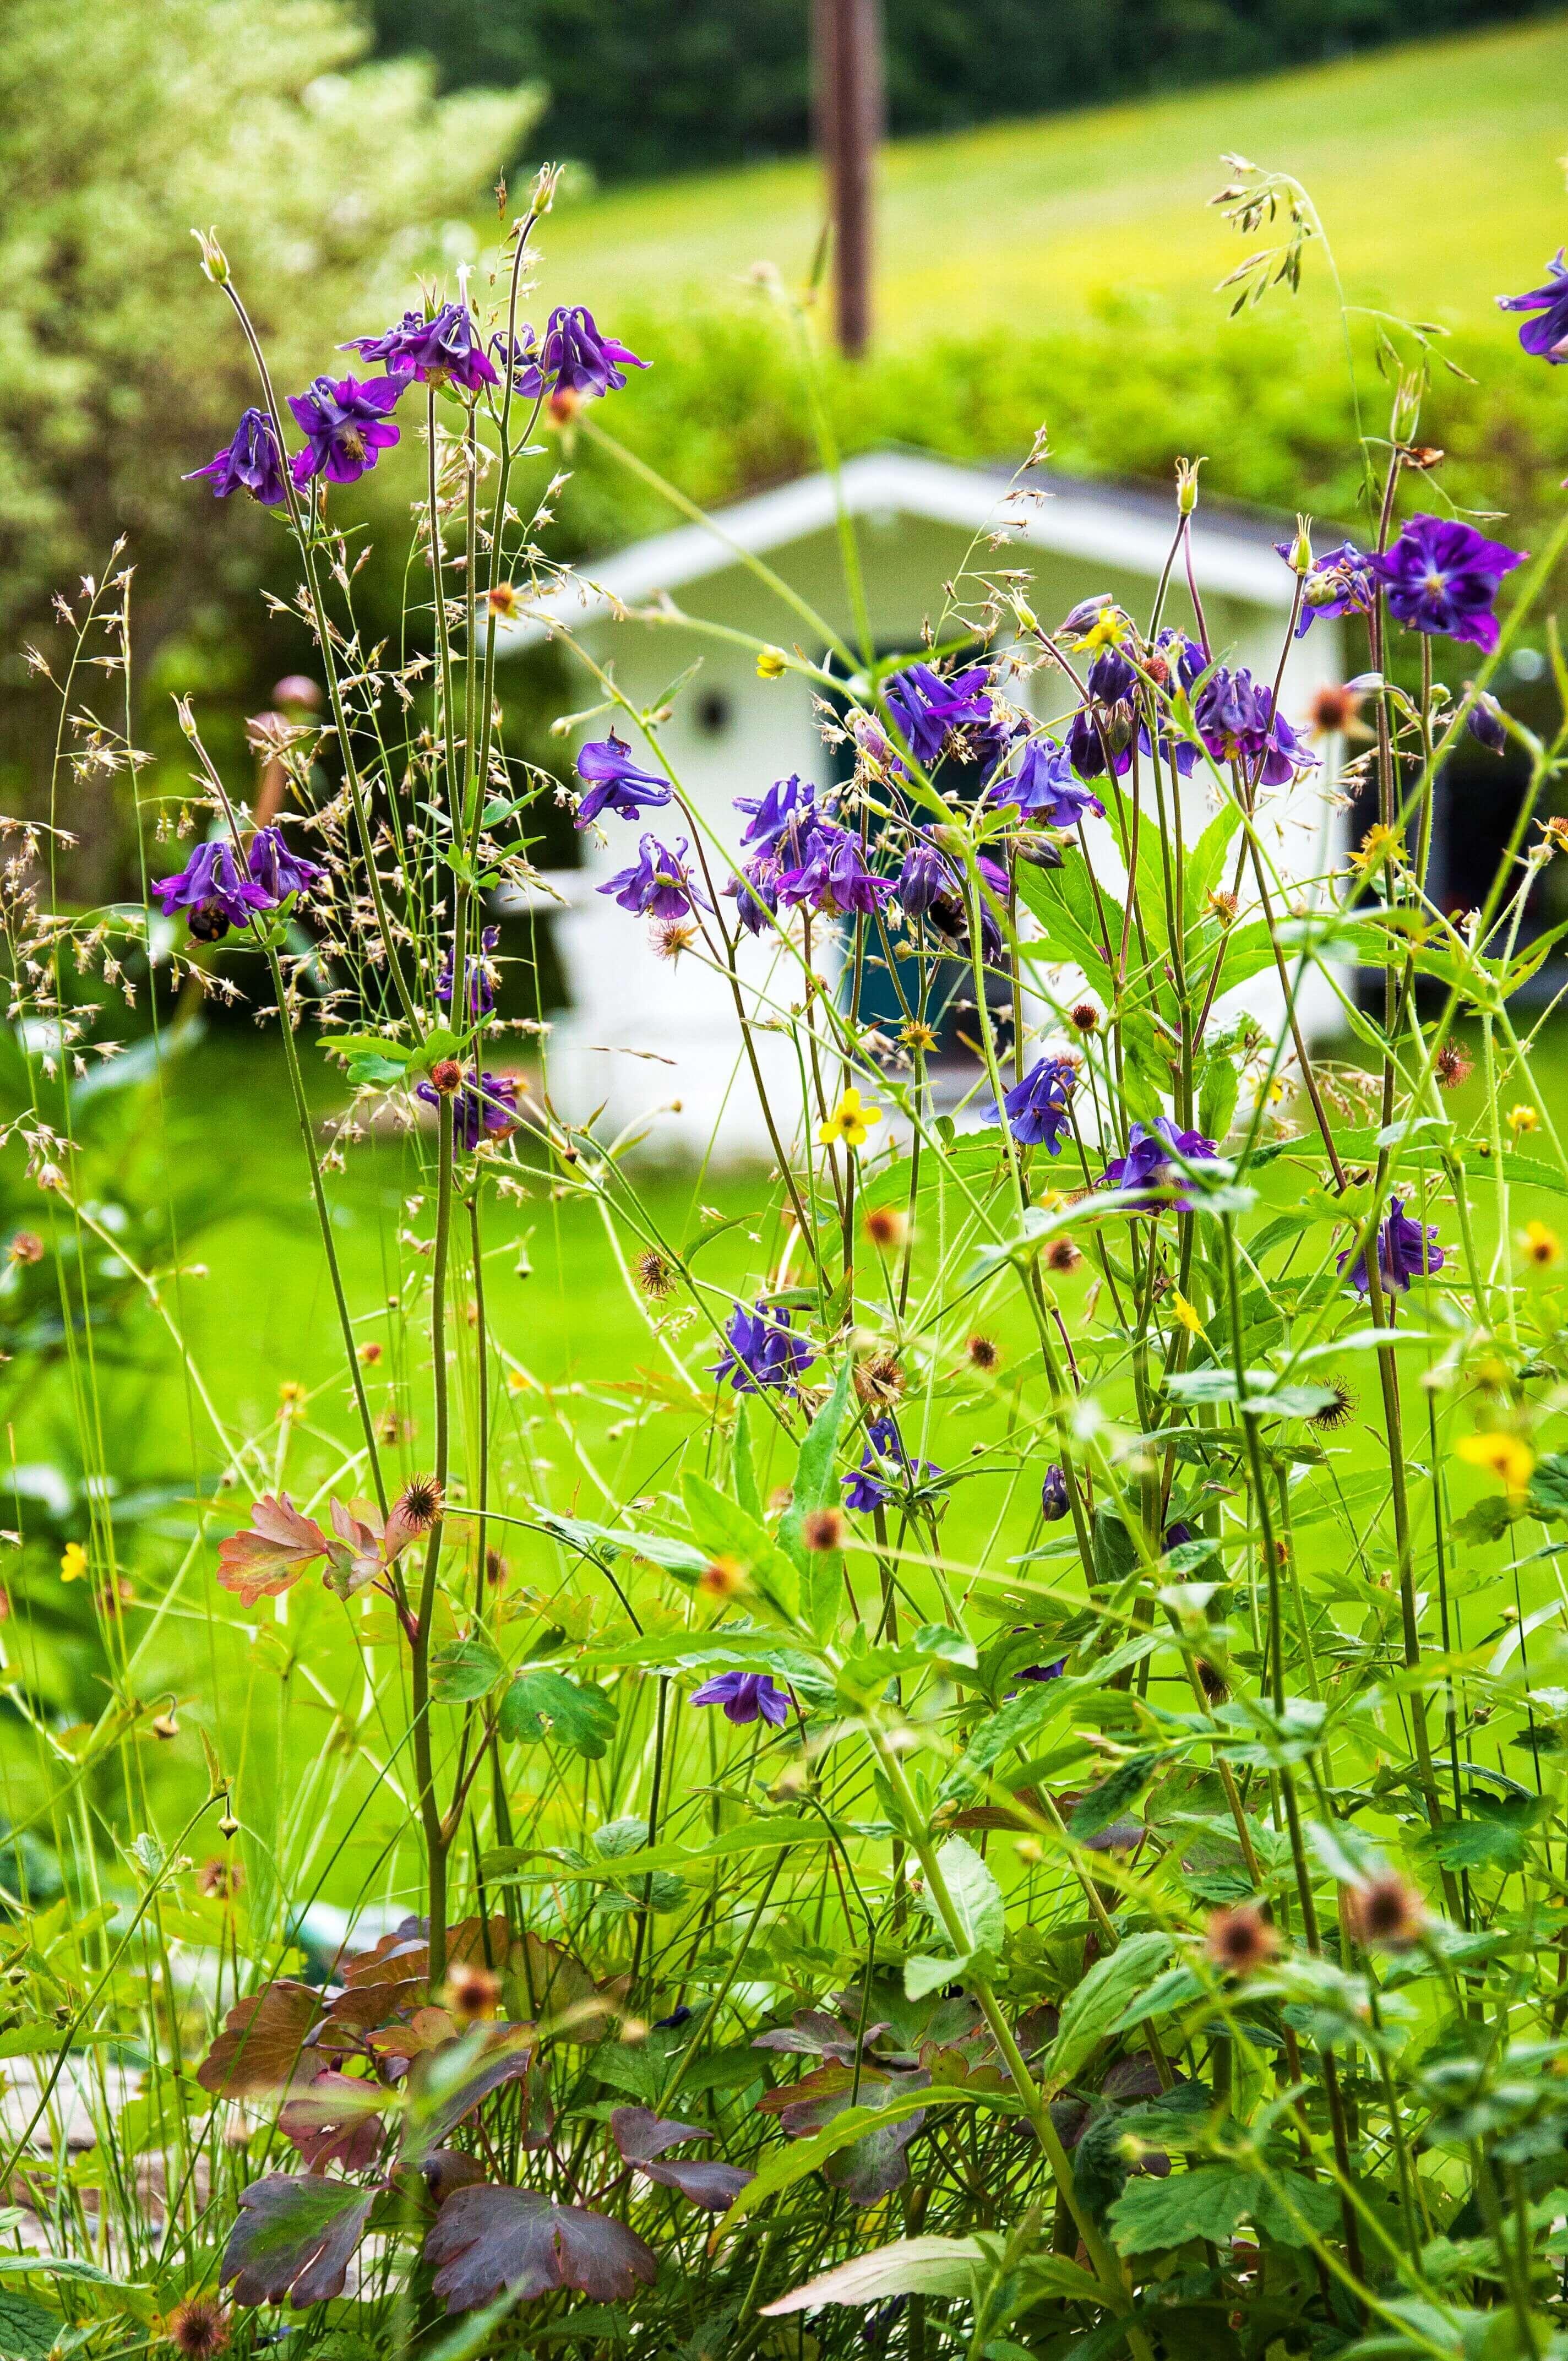 Akleja - Trädgård - Nilssons plantskola - blommor och bin, Leonor Juhl K - Fröken Turkos